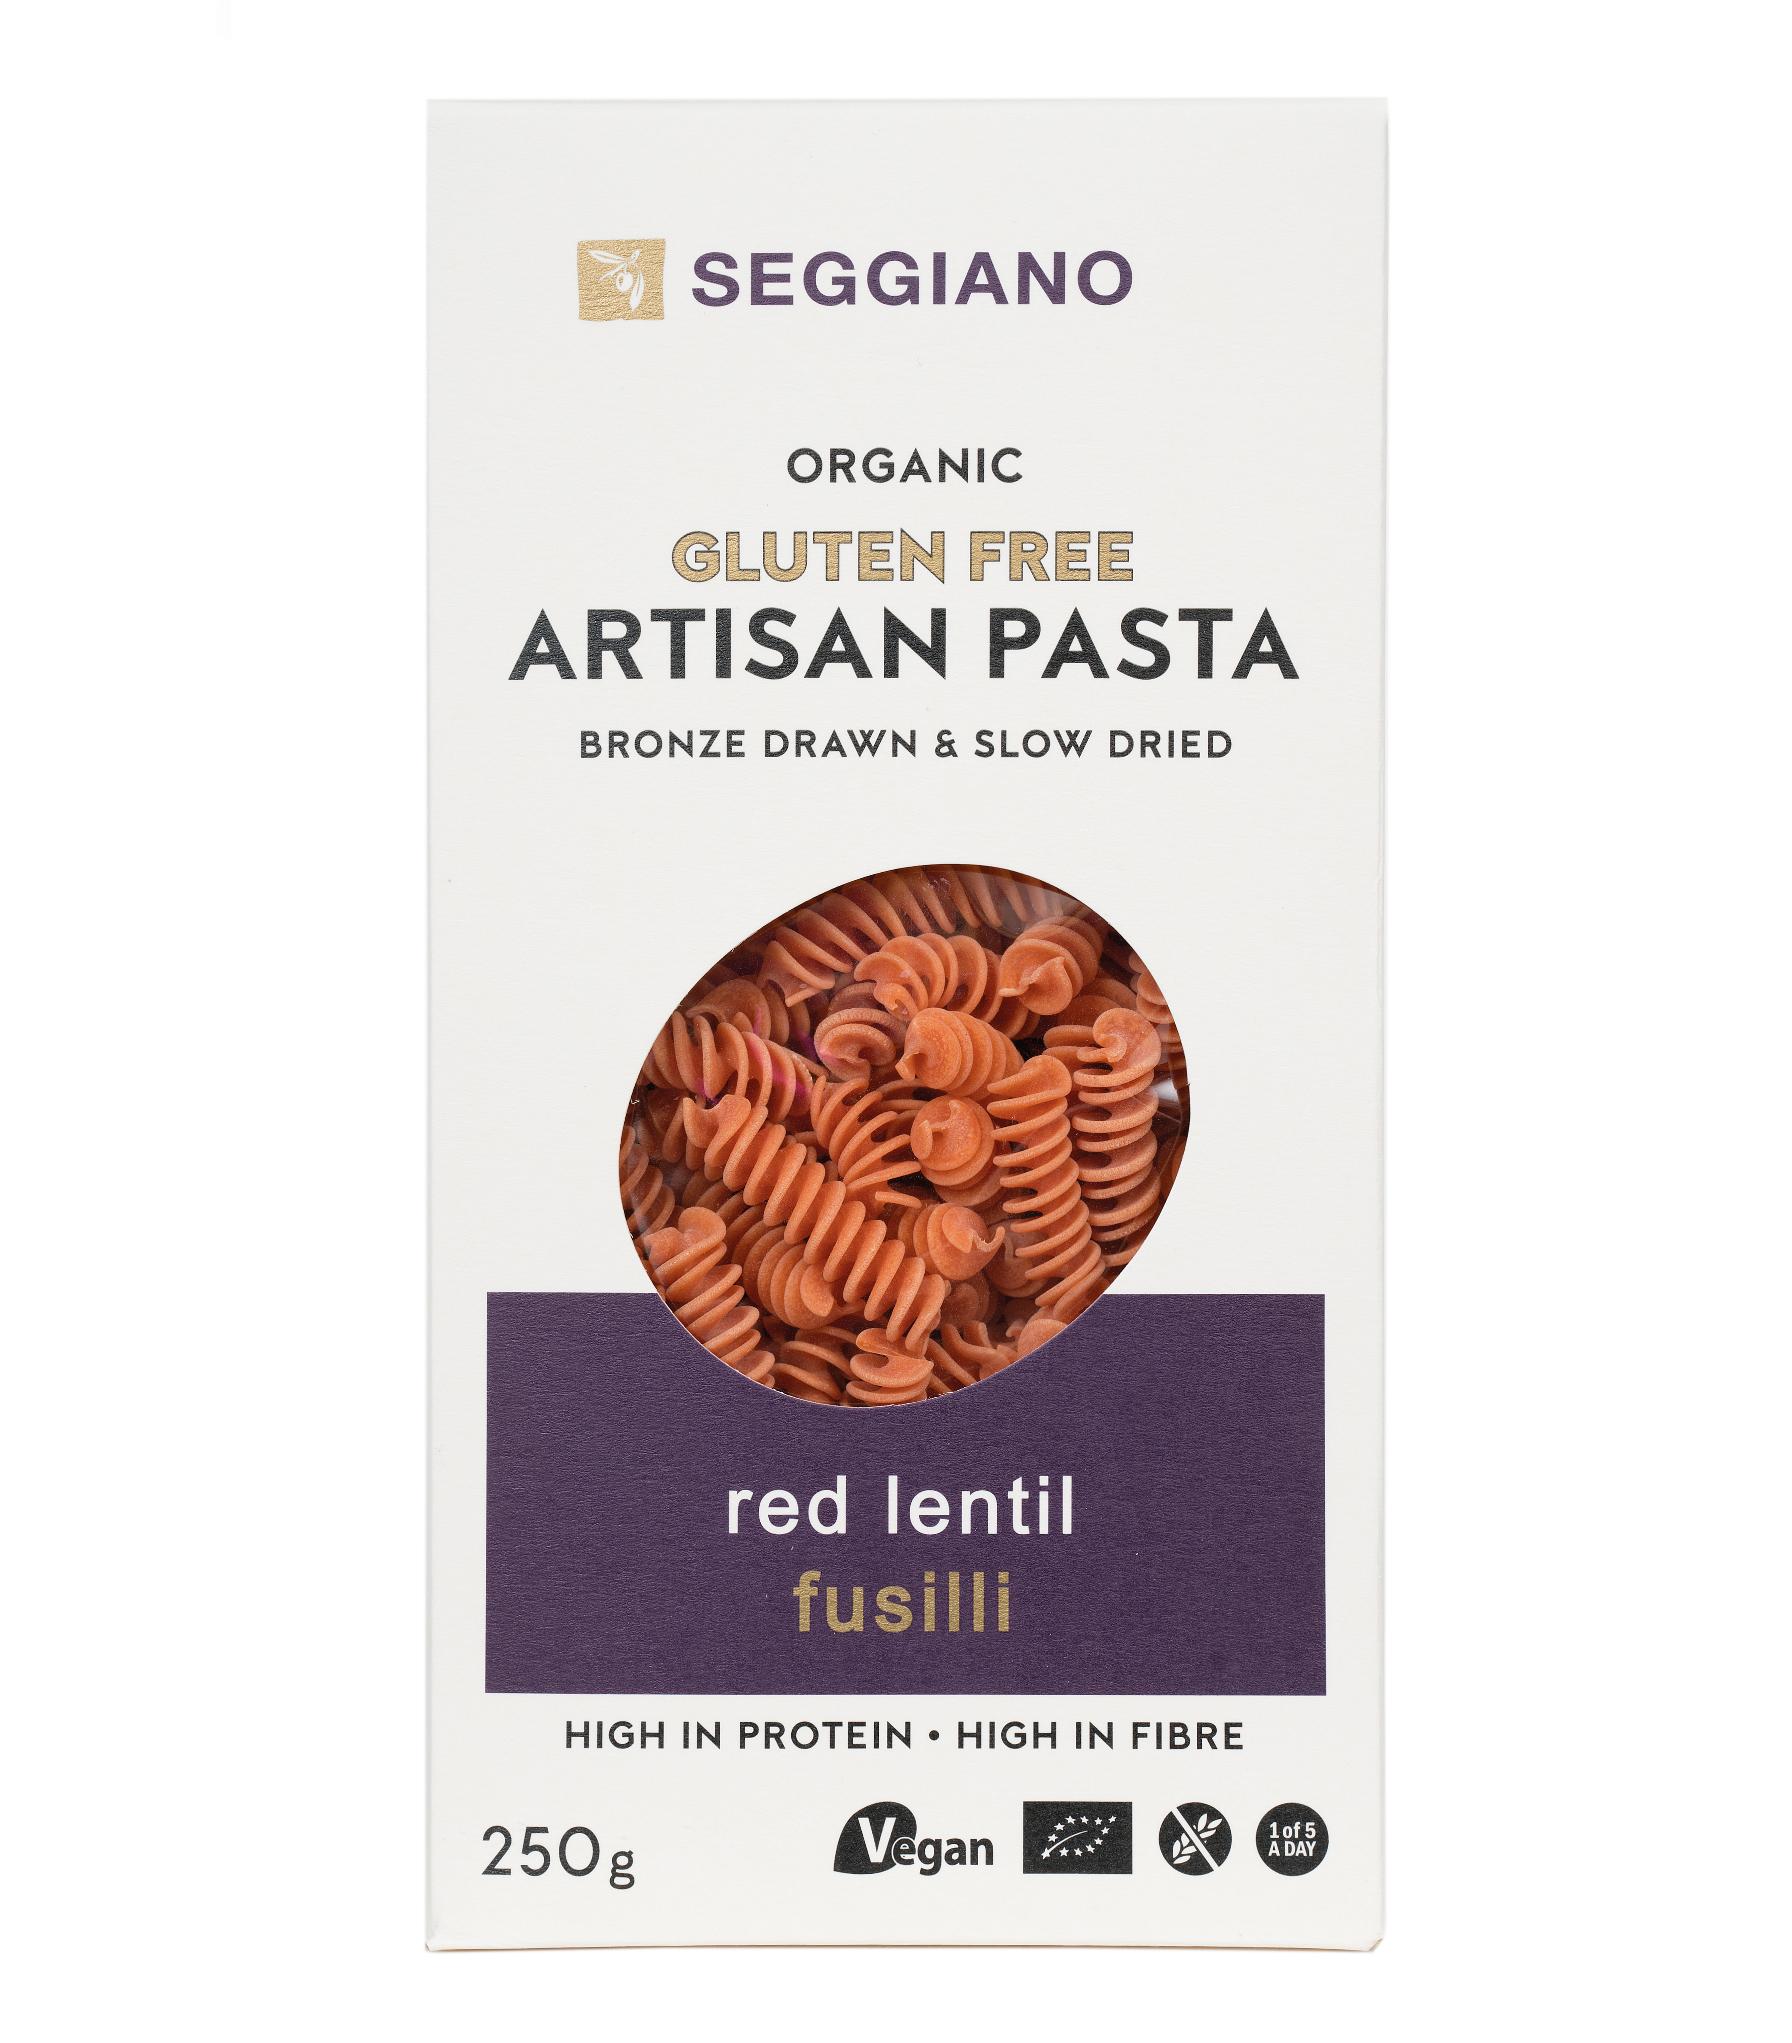 Seggiano Organic Red Lentil Fusilli